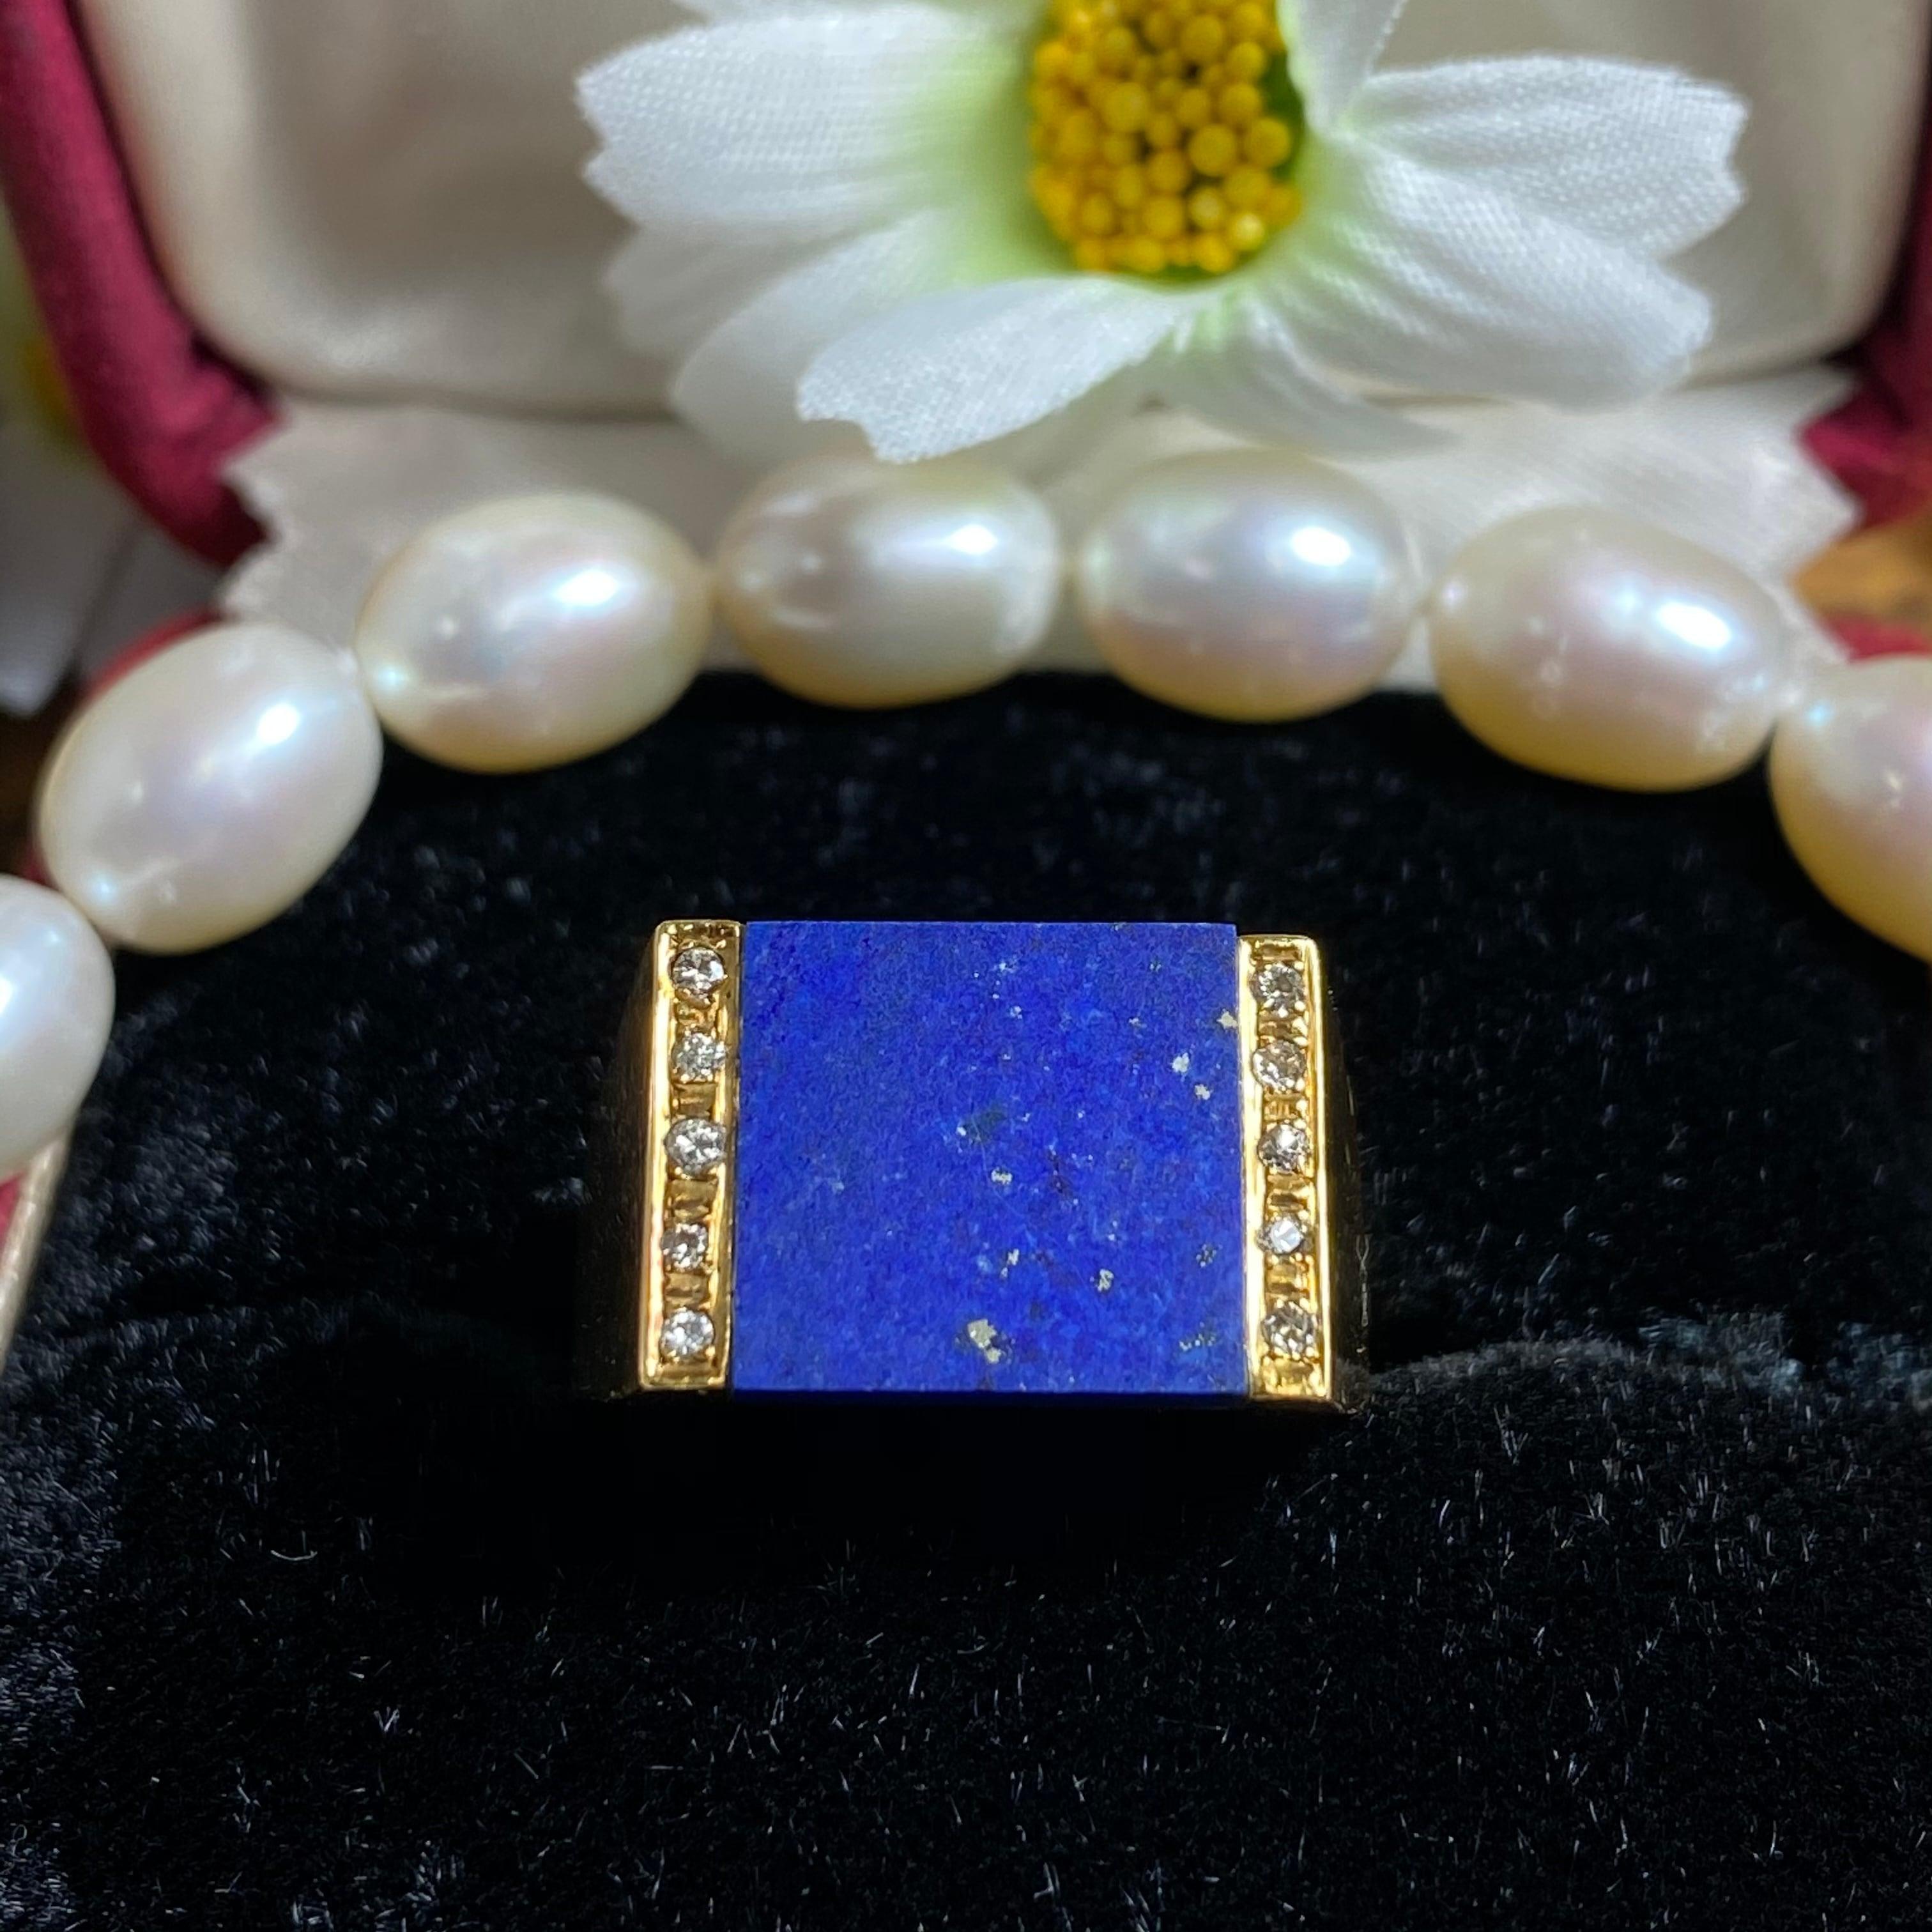 ★星の王子様のような美しき世界観★ヴィンテージ リング★18金ラピス&ダイヤモンド